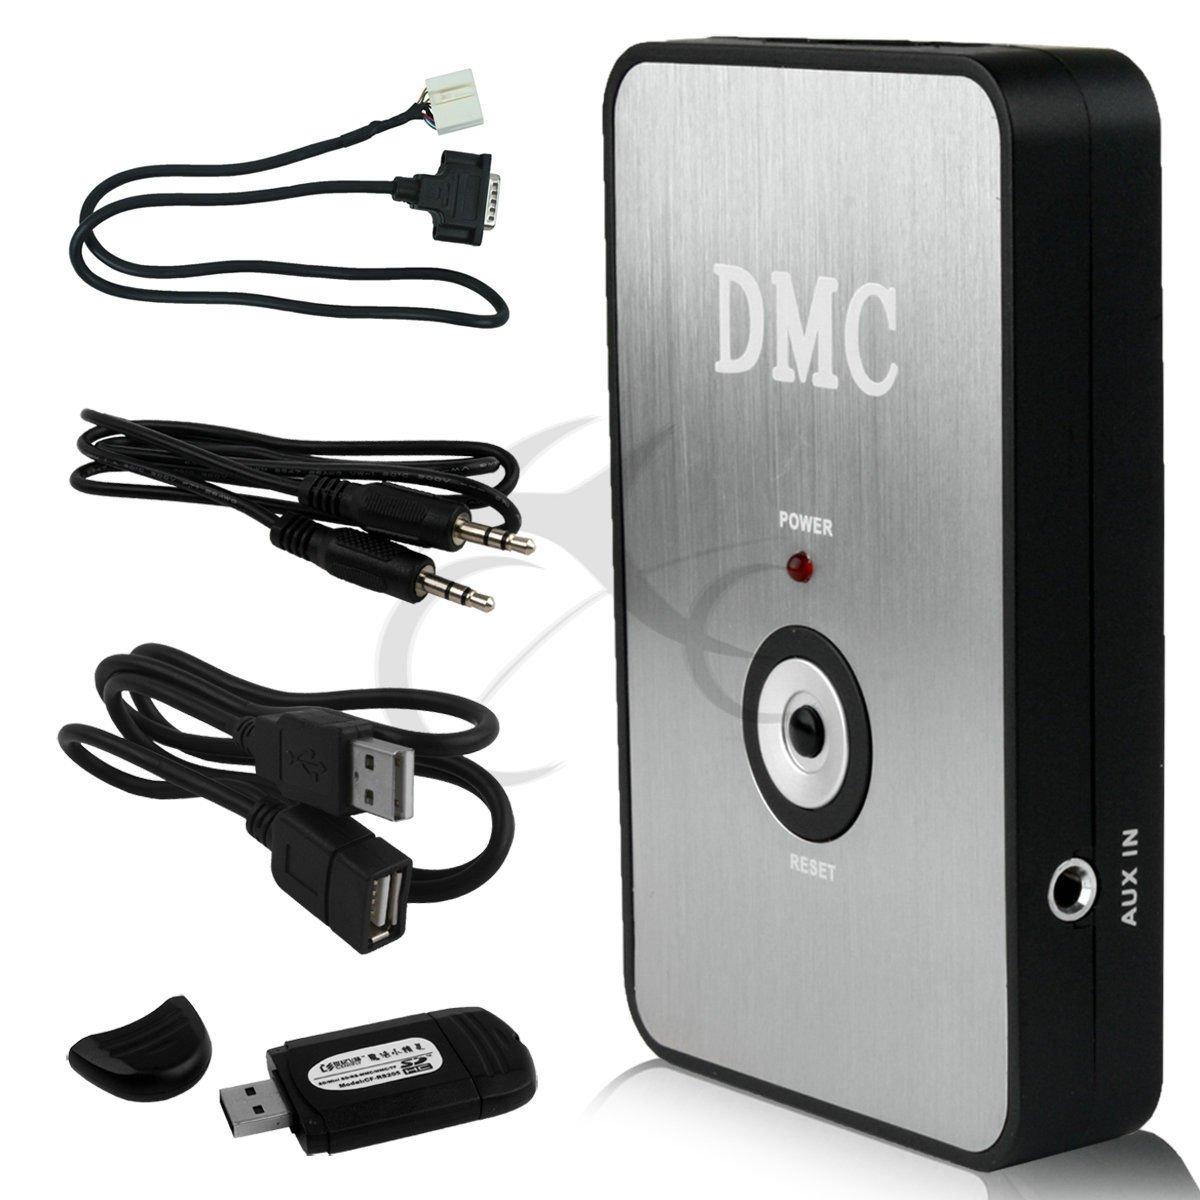 XFMT Digital Music CD MP3 Changer Player Media For Honda GL1800 2001-20112002 2003 2004 2005